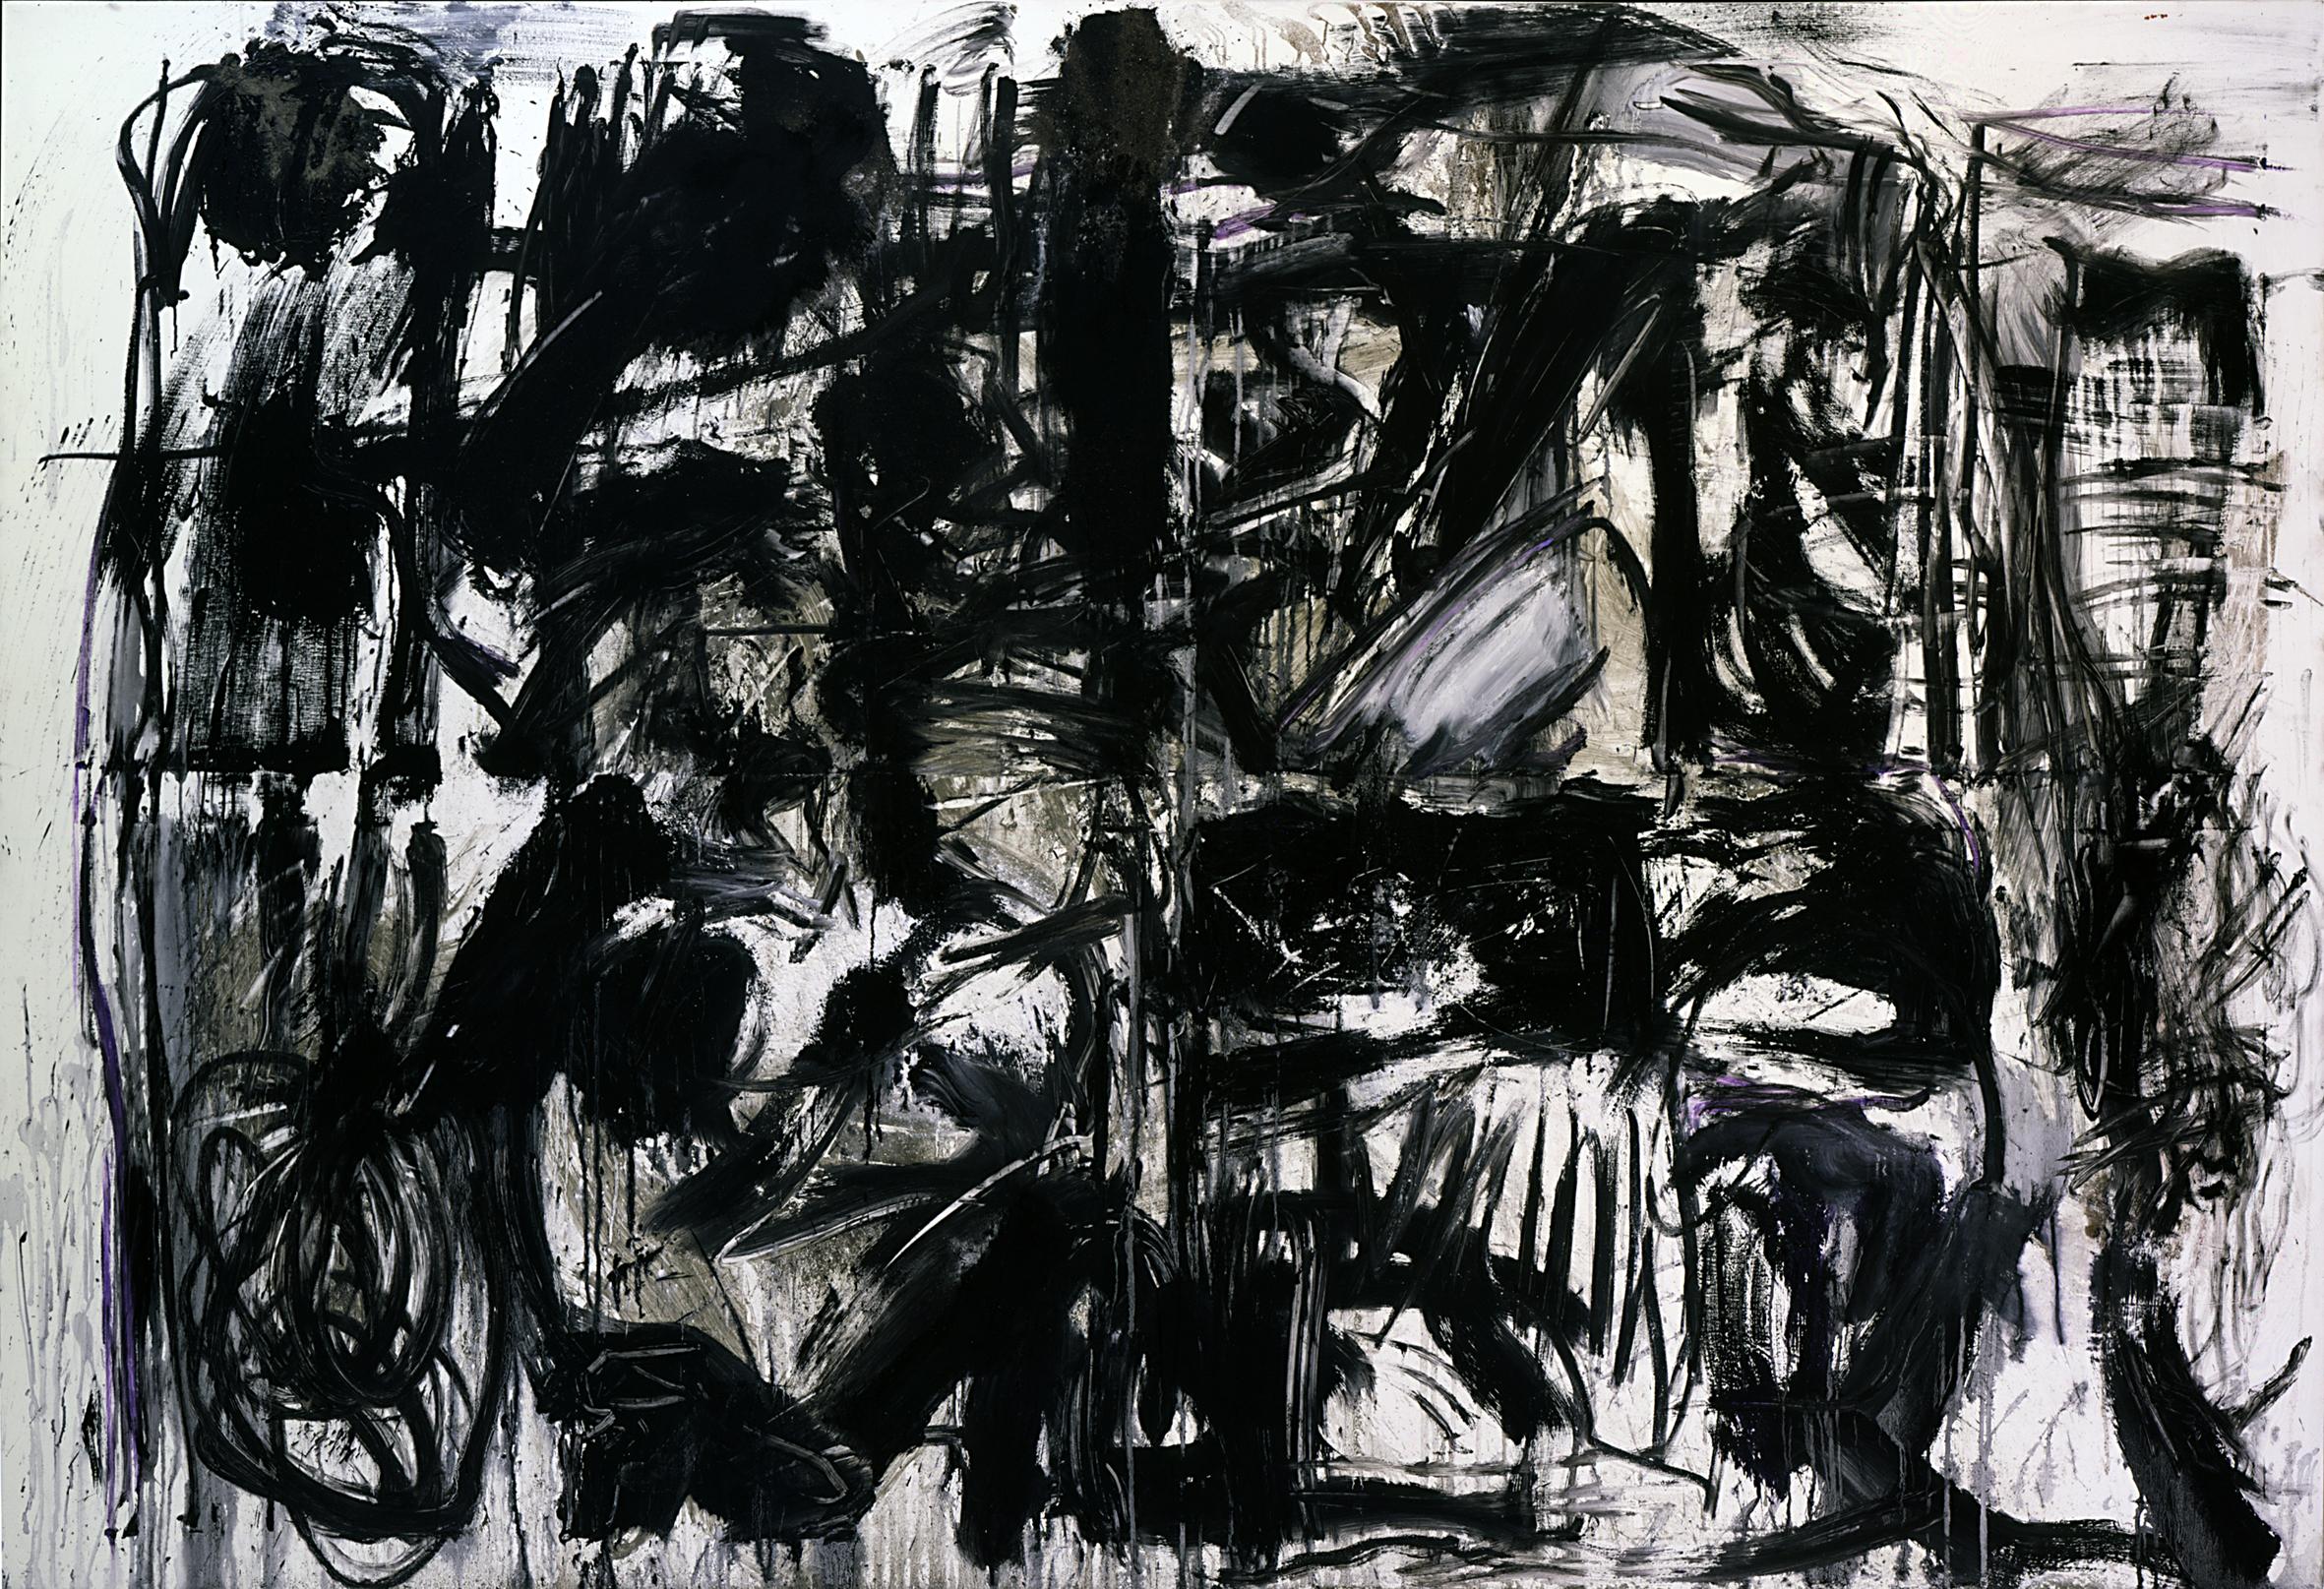 Emilio Vedova, 'Da Dove '83 – 12', 1983, idropittura, pastello, cemento, sabbia su tela, 200 x 300 cm, Courtesy Galleria dello Scudo Verona